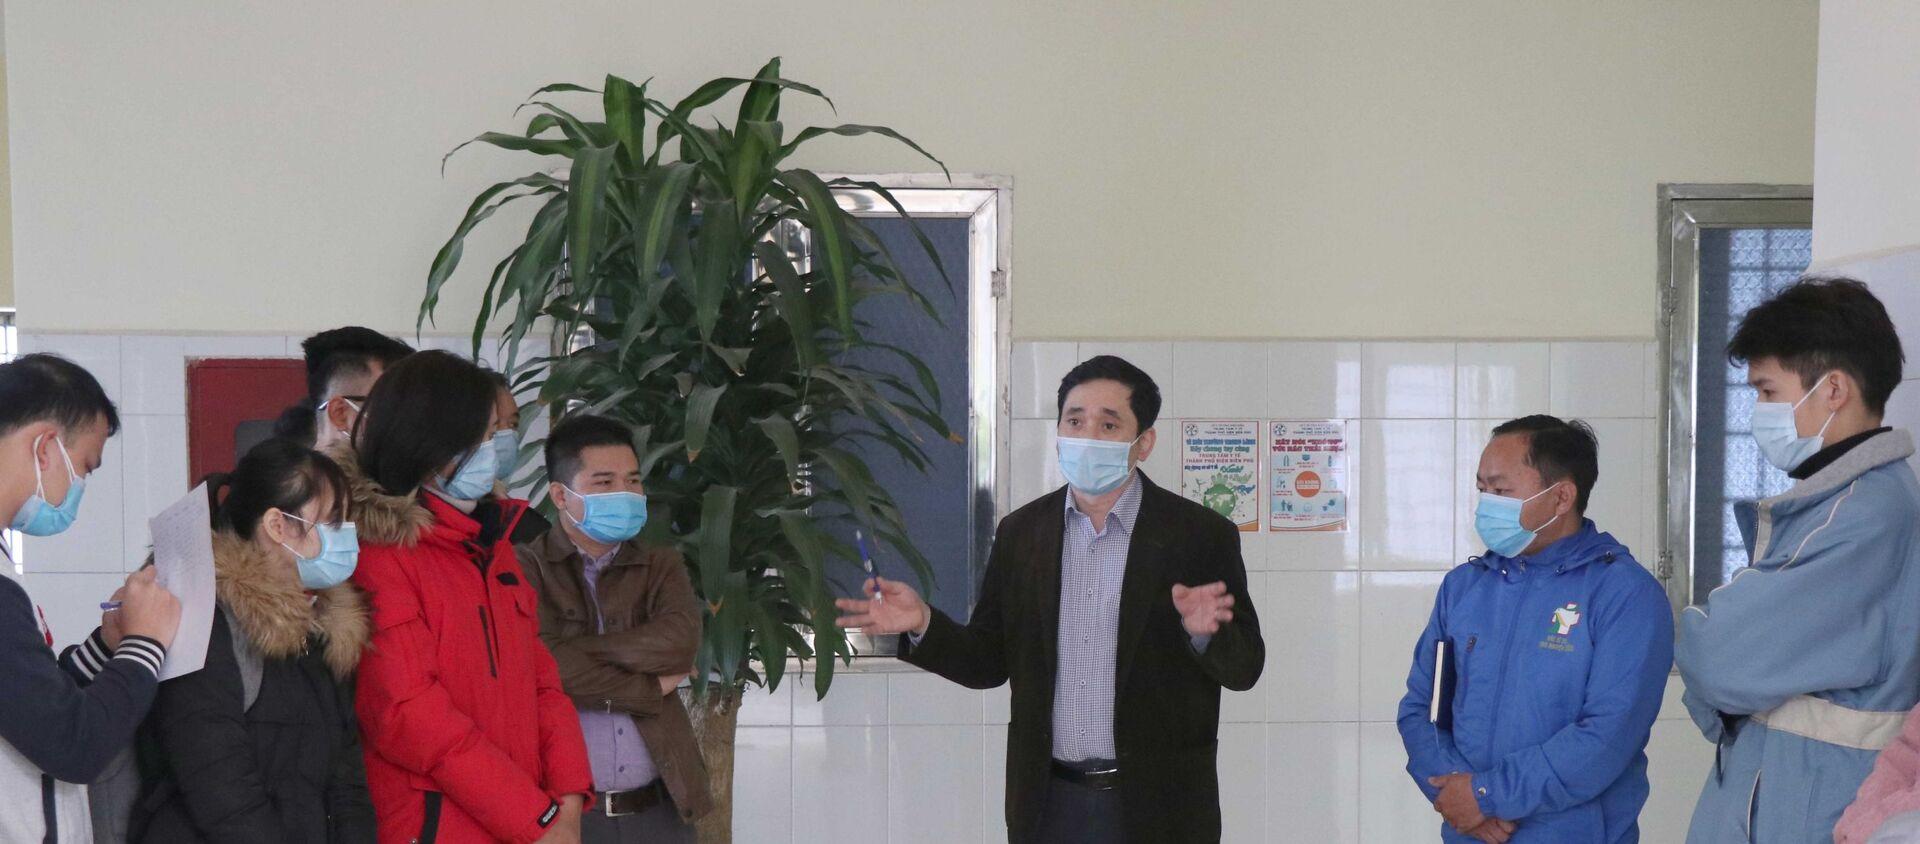 Bác sĩ, chuyên gia đầu ngành của Bộ Y tế đang giới thuyết về hình thái, sự bố trí các khoa của Bệnh viên dã chiến; và trang bị cho đội ngũ y, bác sĩ làm việc tại Bệnh viện dã chiến những kỹ năng an toàn, tránh lây nhiễm, đảm bảo an toàn cho đội ngũ y, bác sĩ. - Sputnik Việt Nam, 1920, 07.02.2021